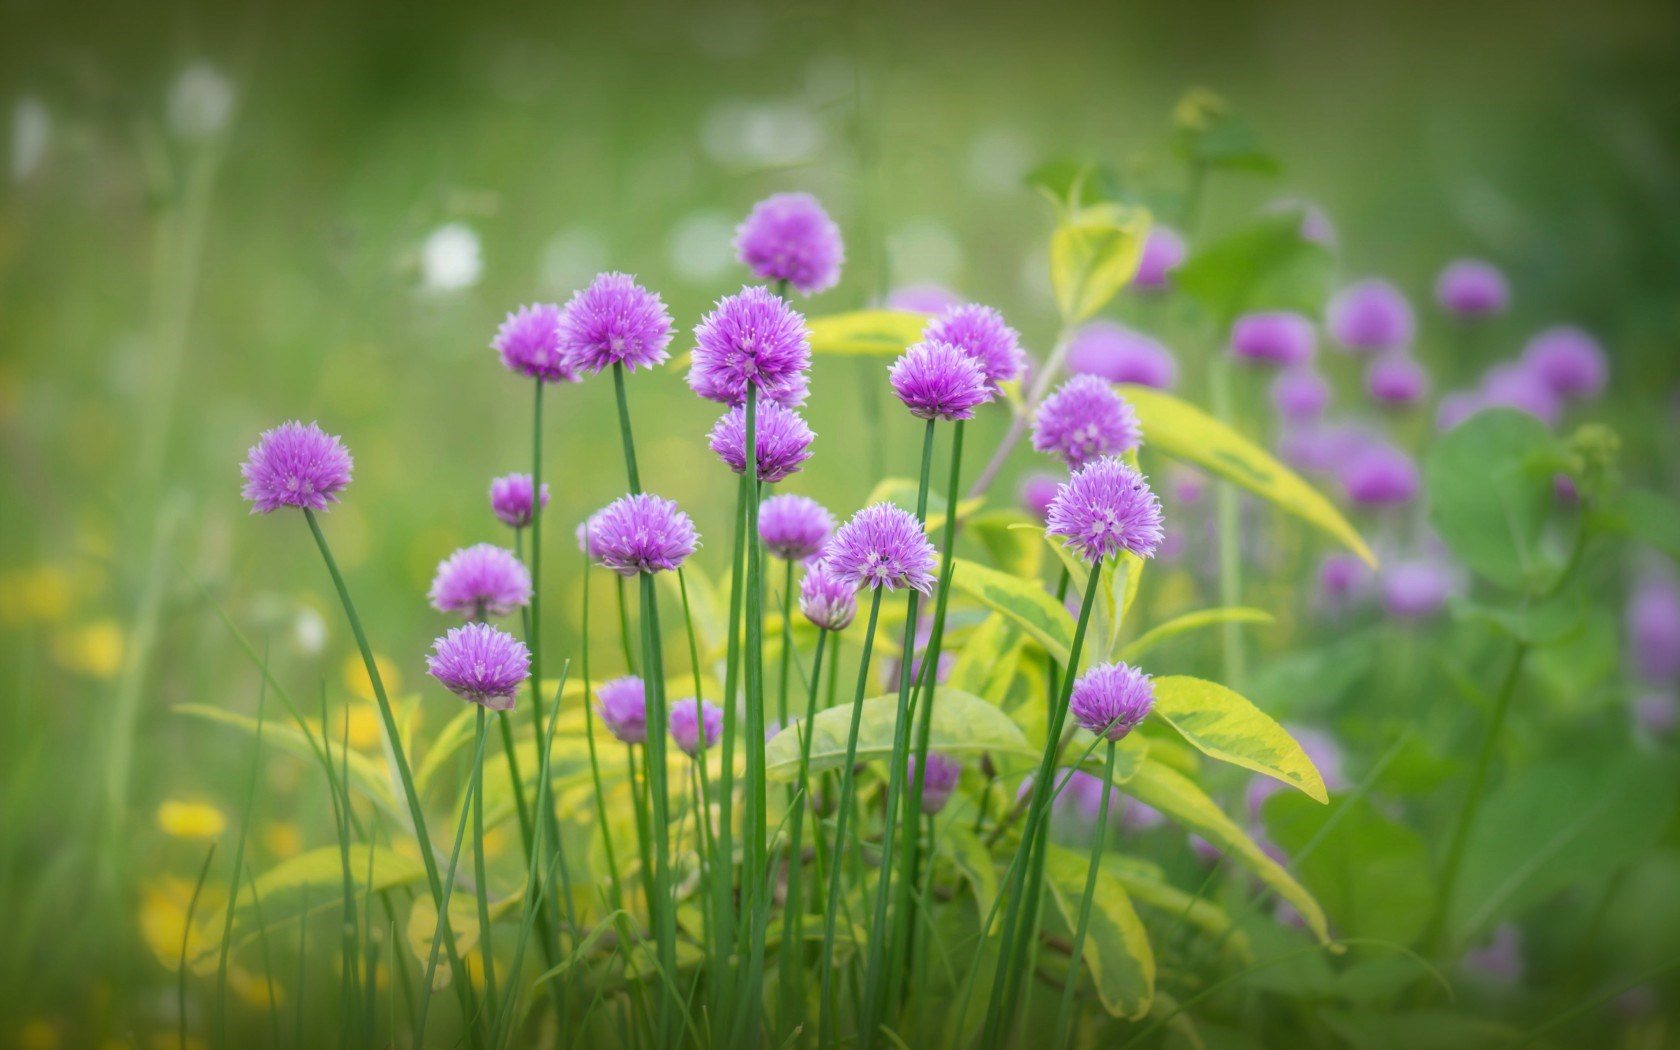 Hình ảnh hoa cỏ dại